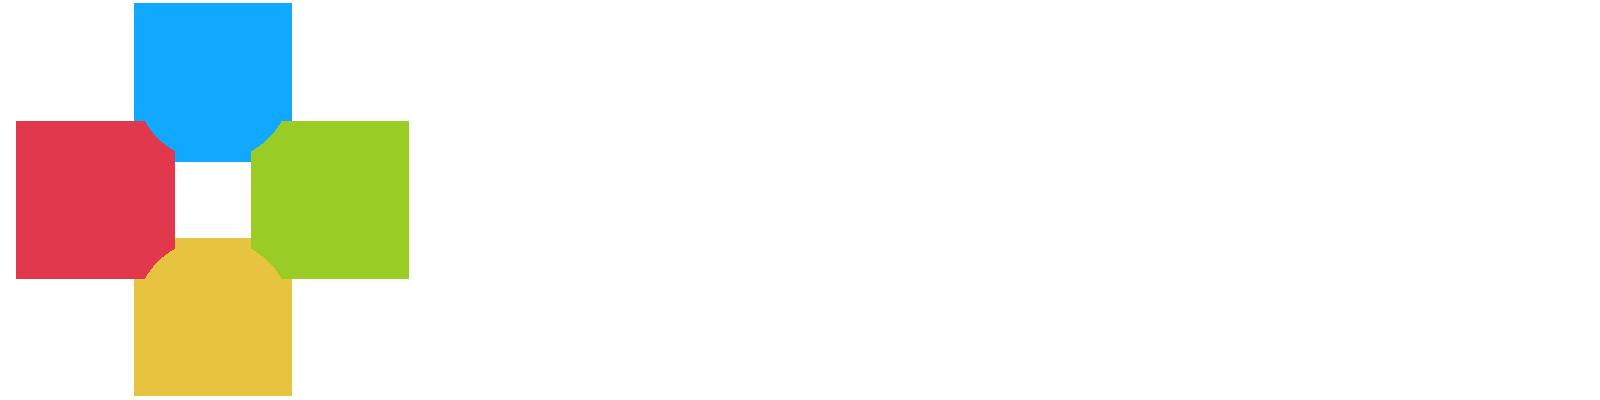 bridge africa company